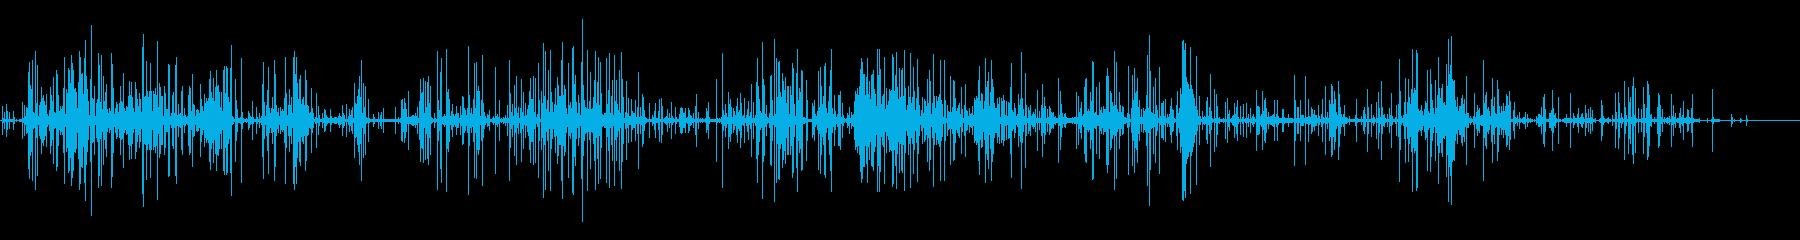 カリカリ携帯電話ボックスプラスチッ...の再生済みの波形